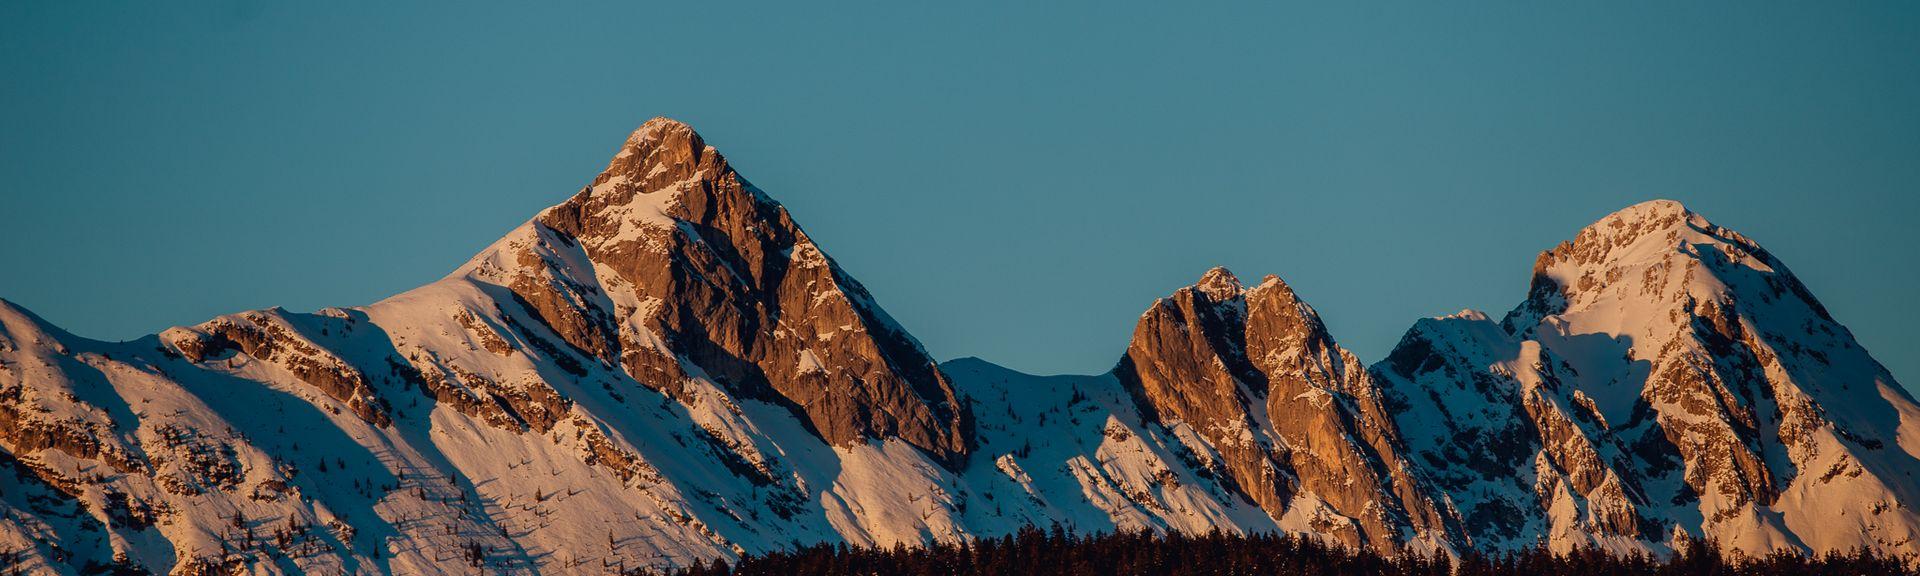 Seefeld Ski Area, Seefeld in Tirol, Austria